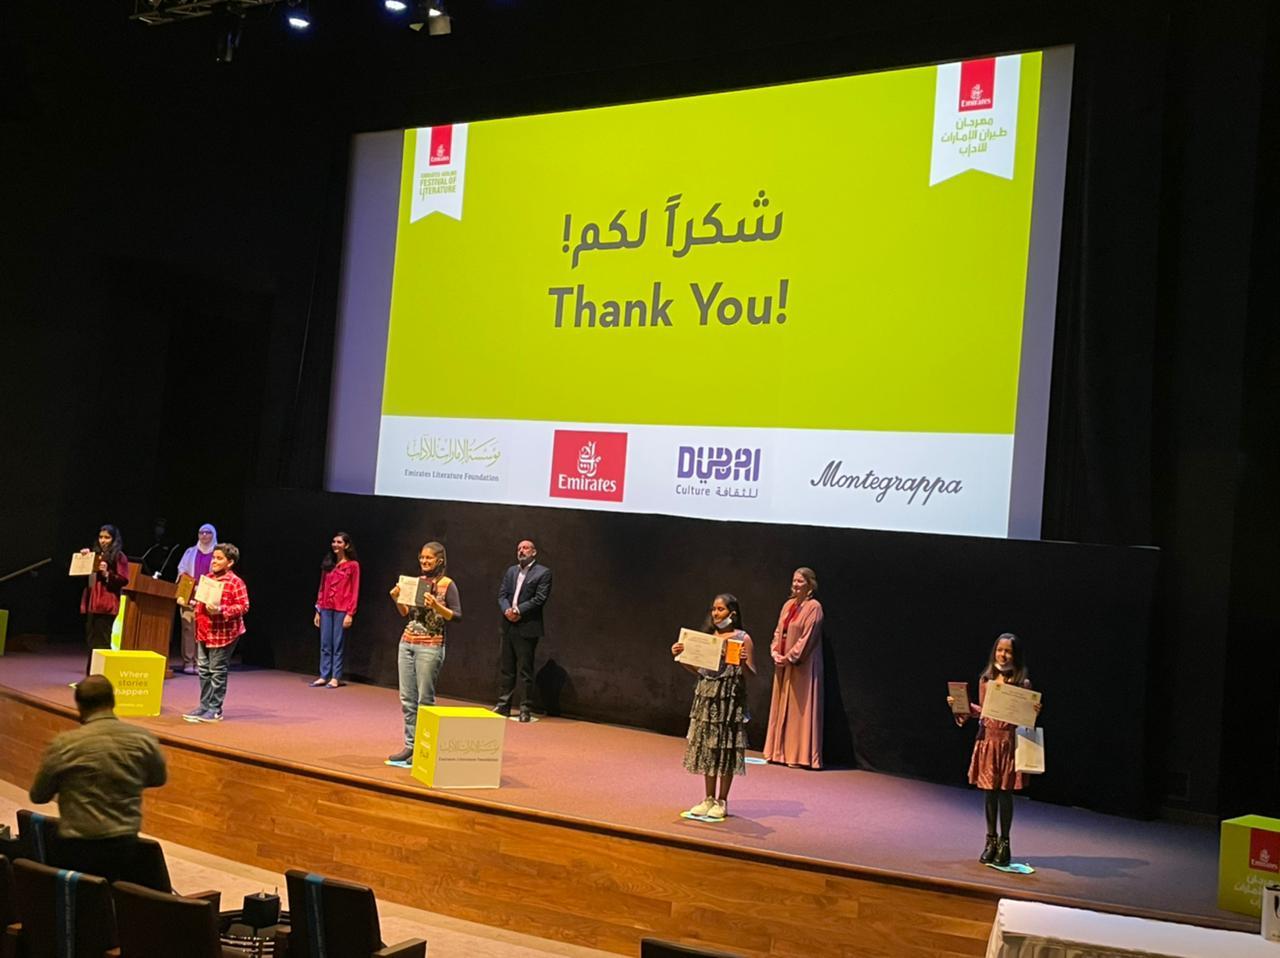 """مسابقة تحتفي بفن """"الكتابة بخط اليد"""" من مهرجان طيران الإمارات للآداب ومونتيغرابا"""